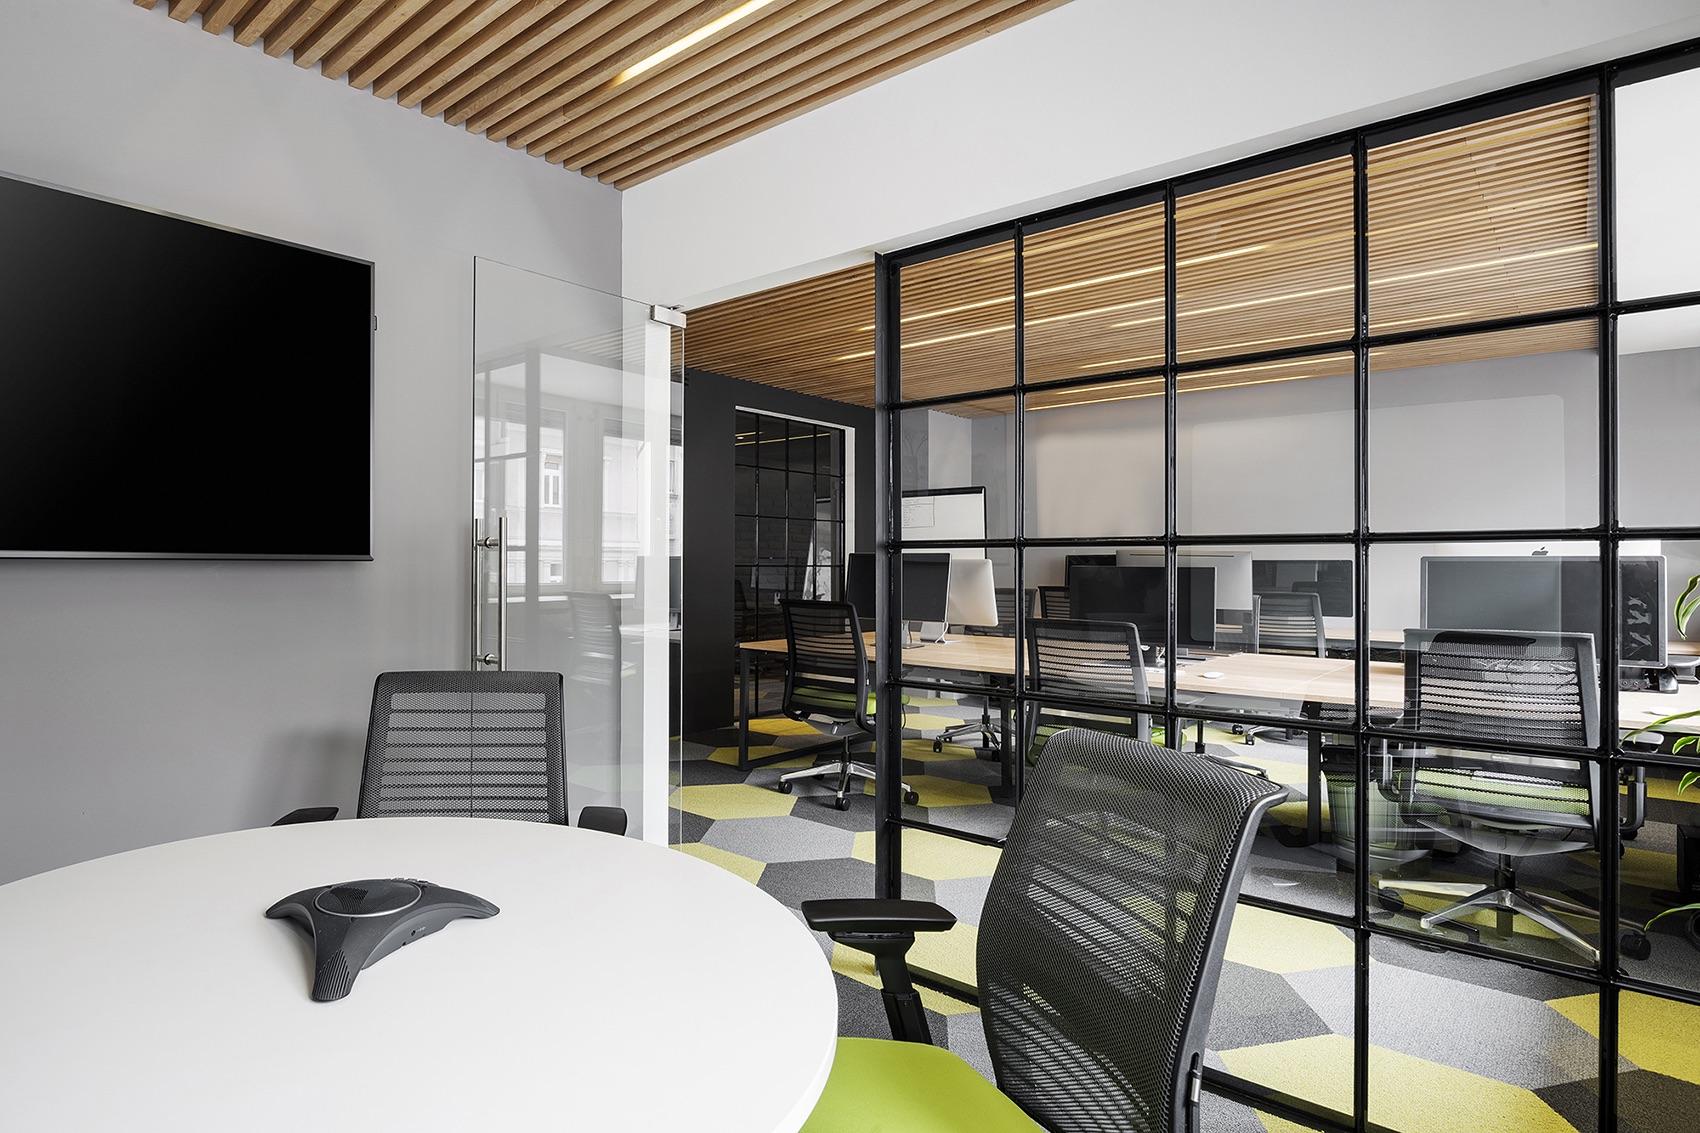 hortonworks-office-budapest-11